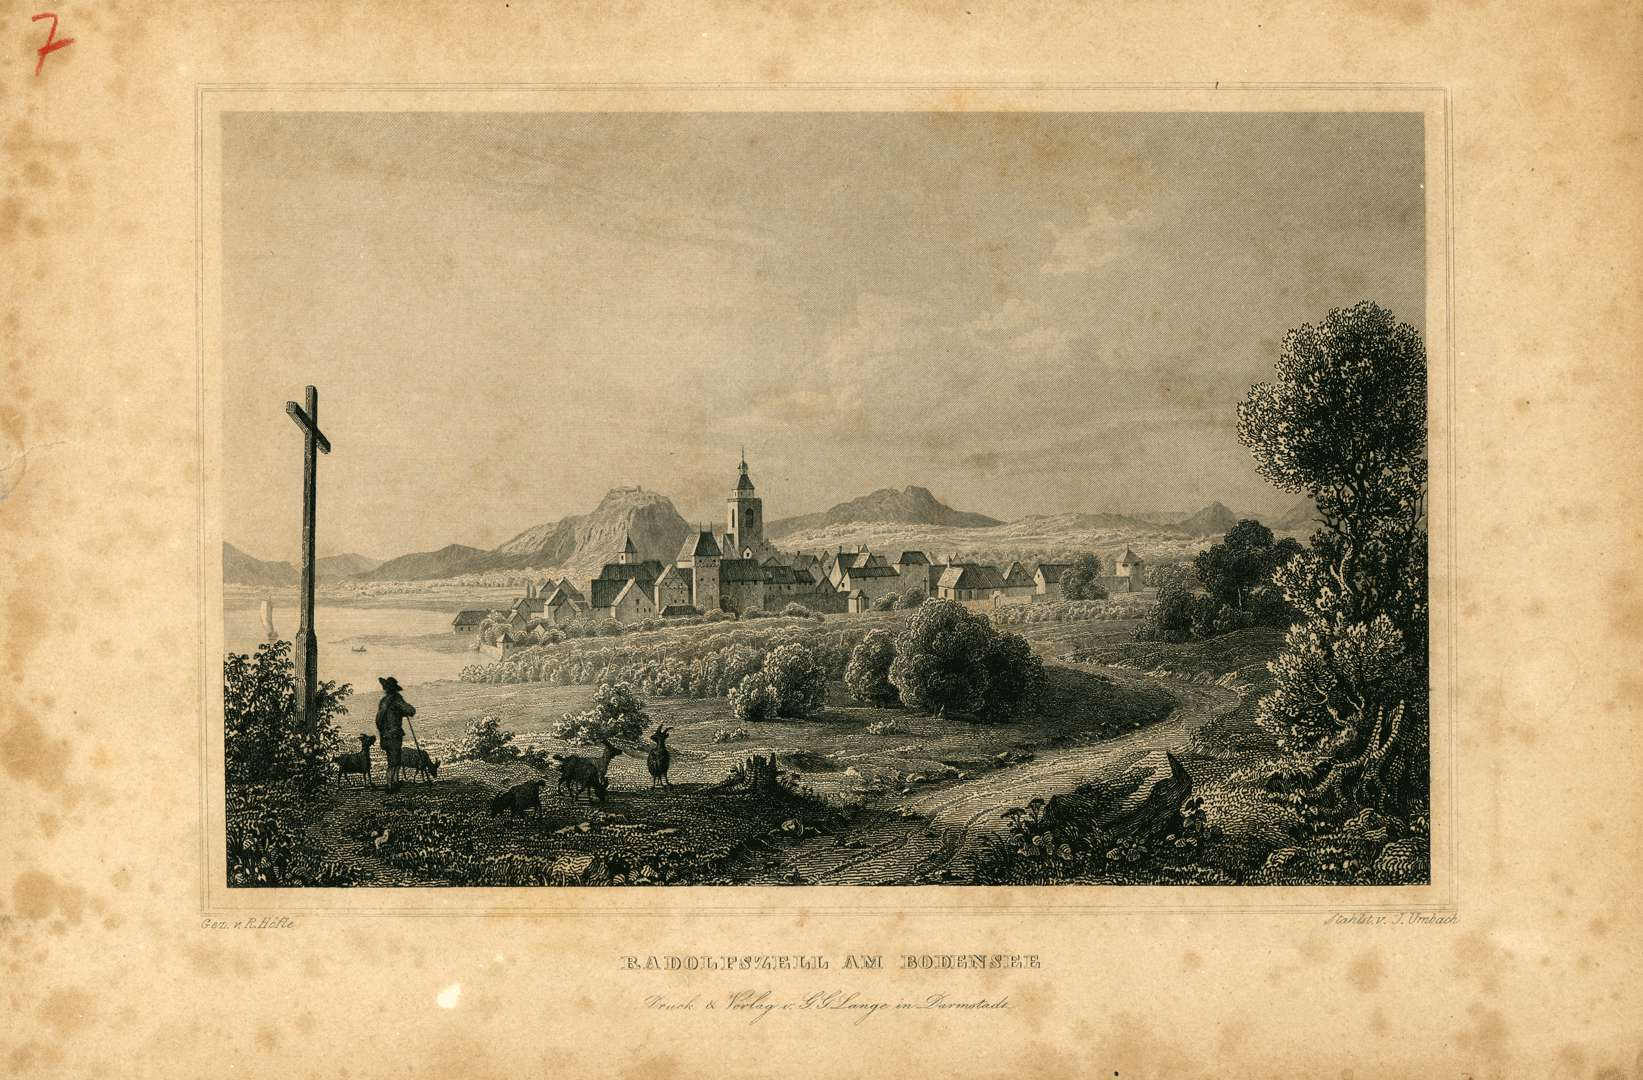 Radolfzell am Bodensee, Bild 1